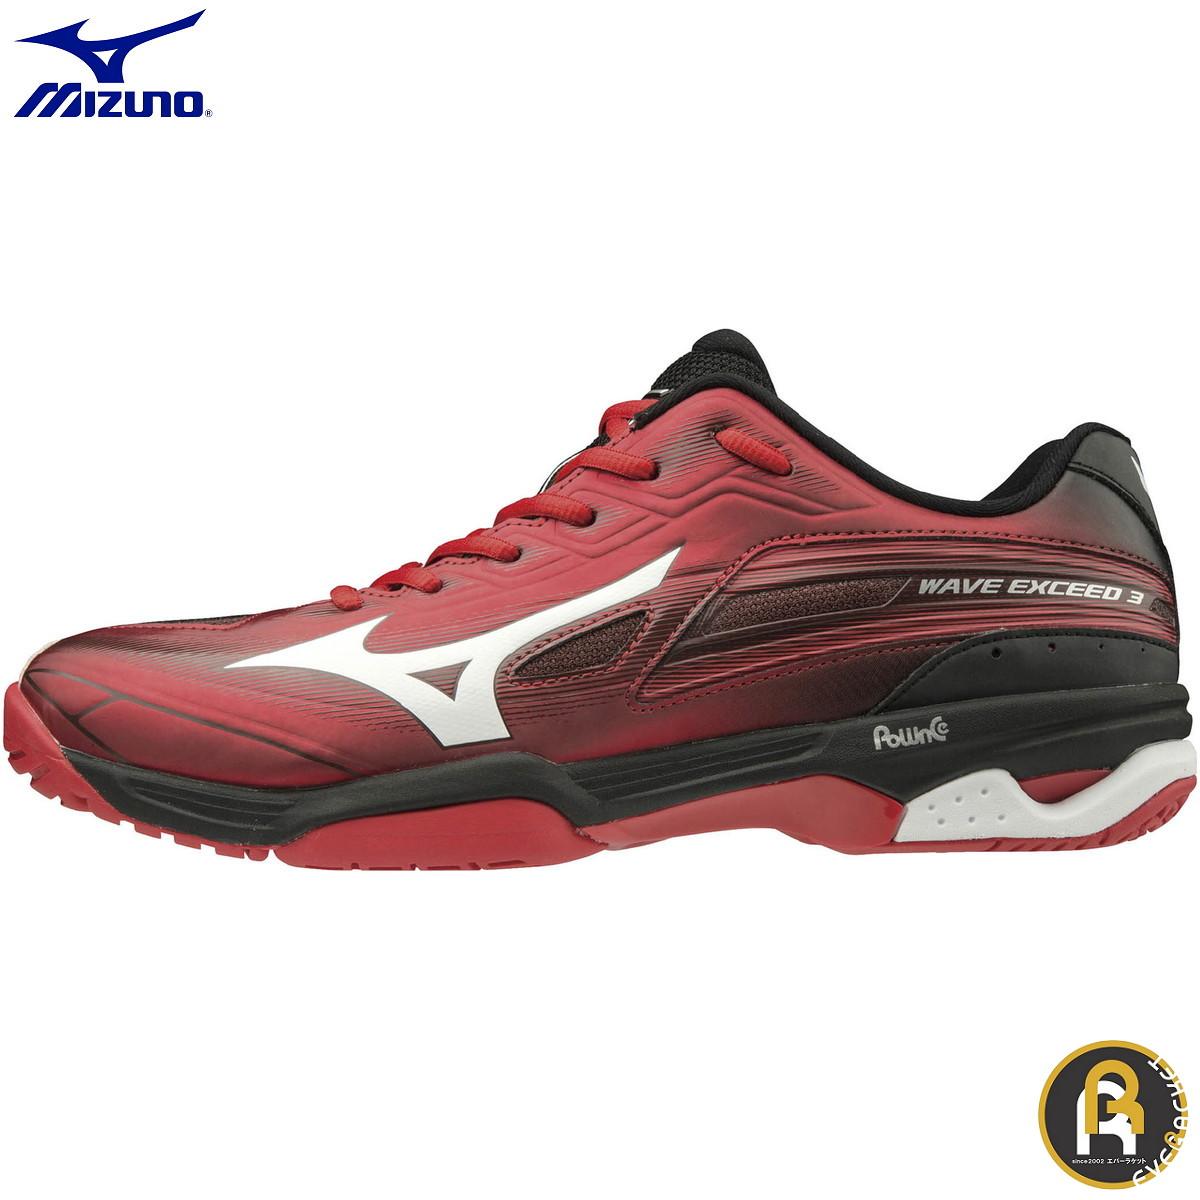 ミズノ MIZUNO テニスシューズ WAVE EXCEED3 WIDE OC 61GB191362 ソフトテニス